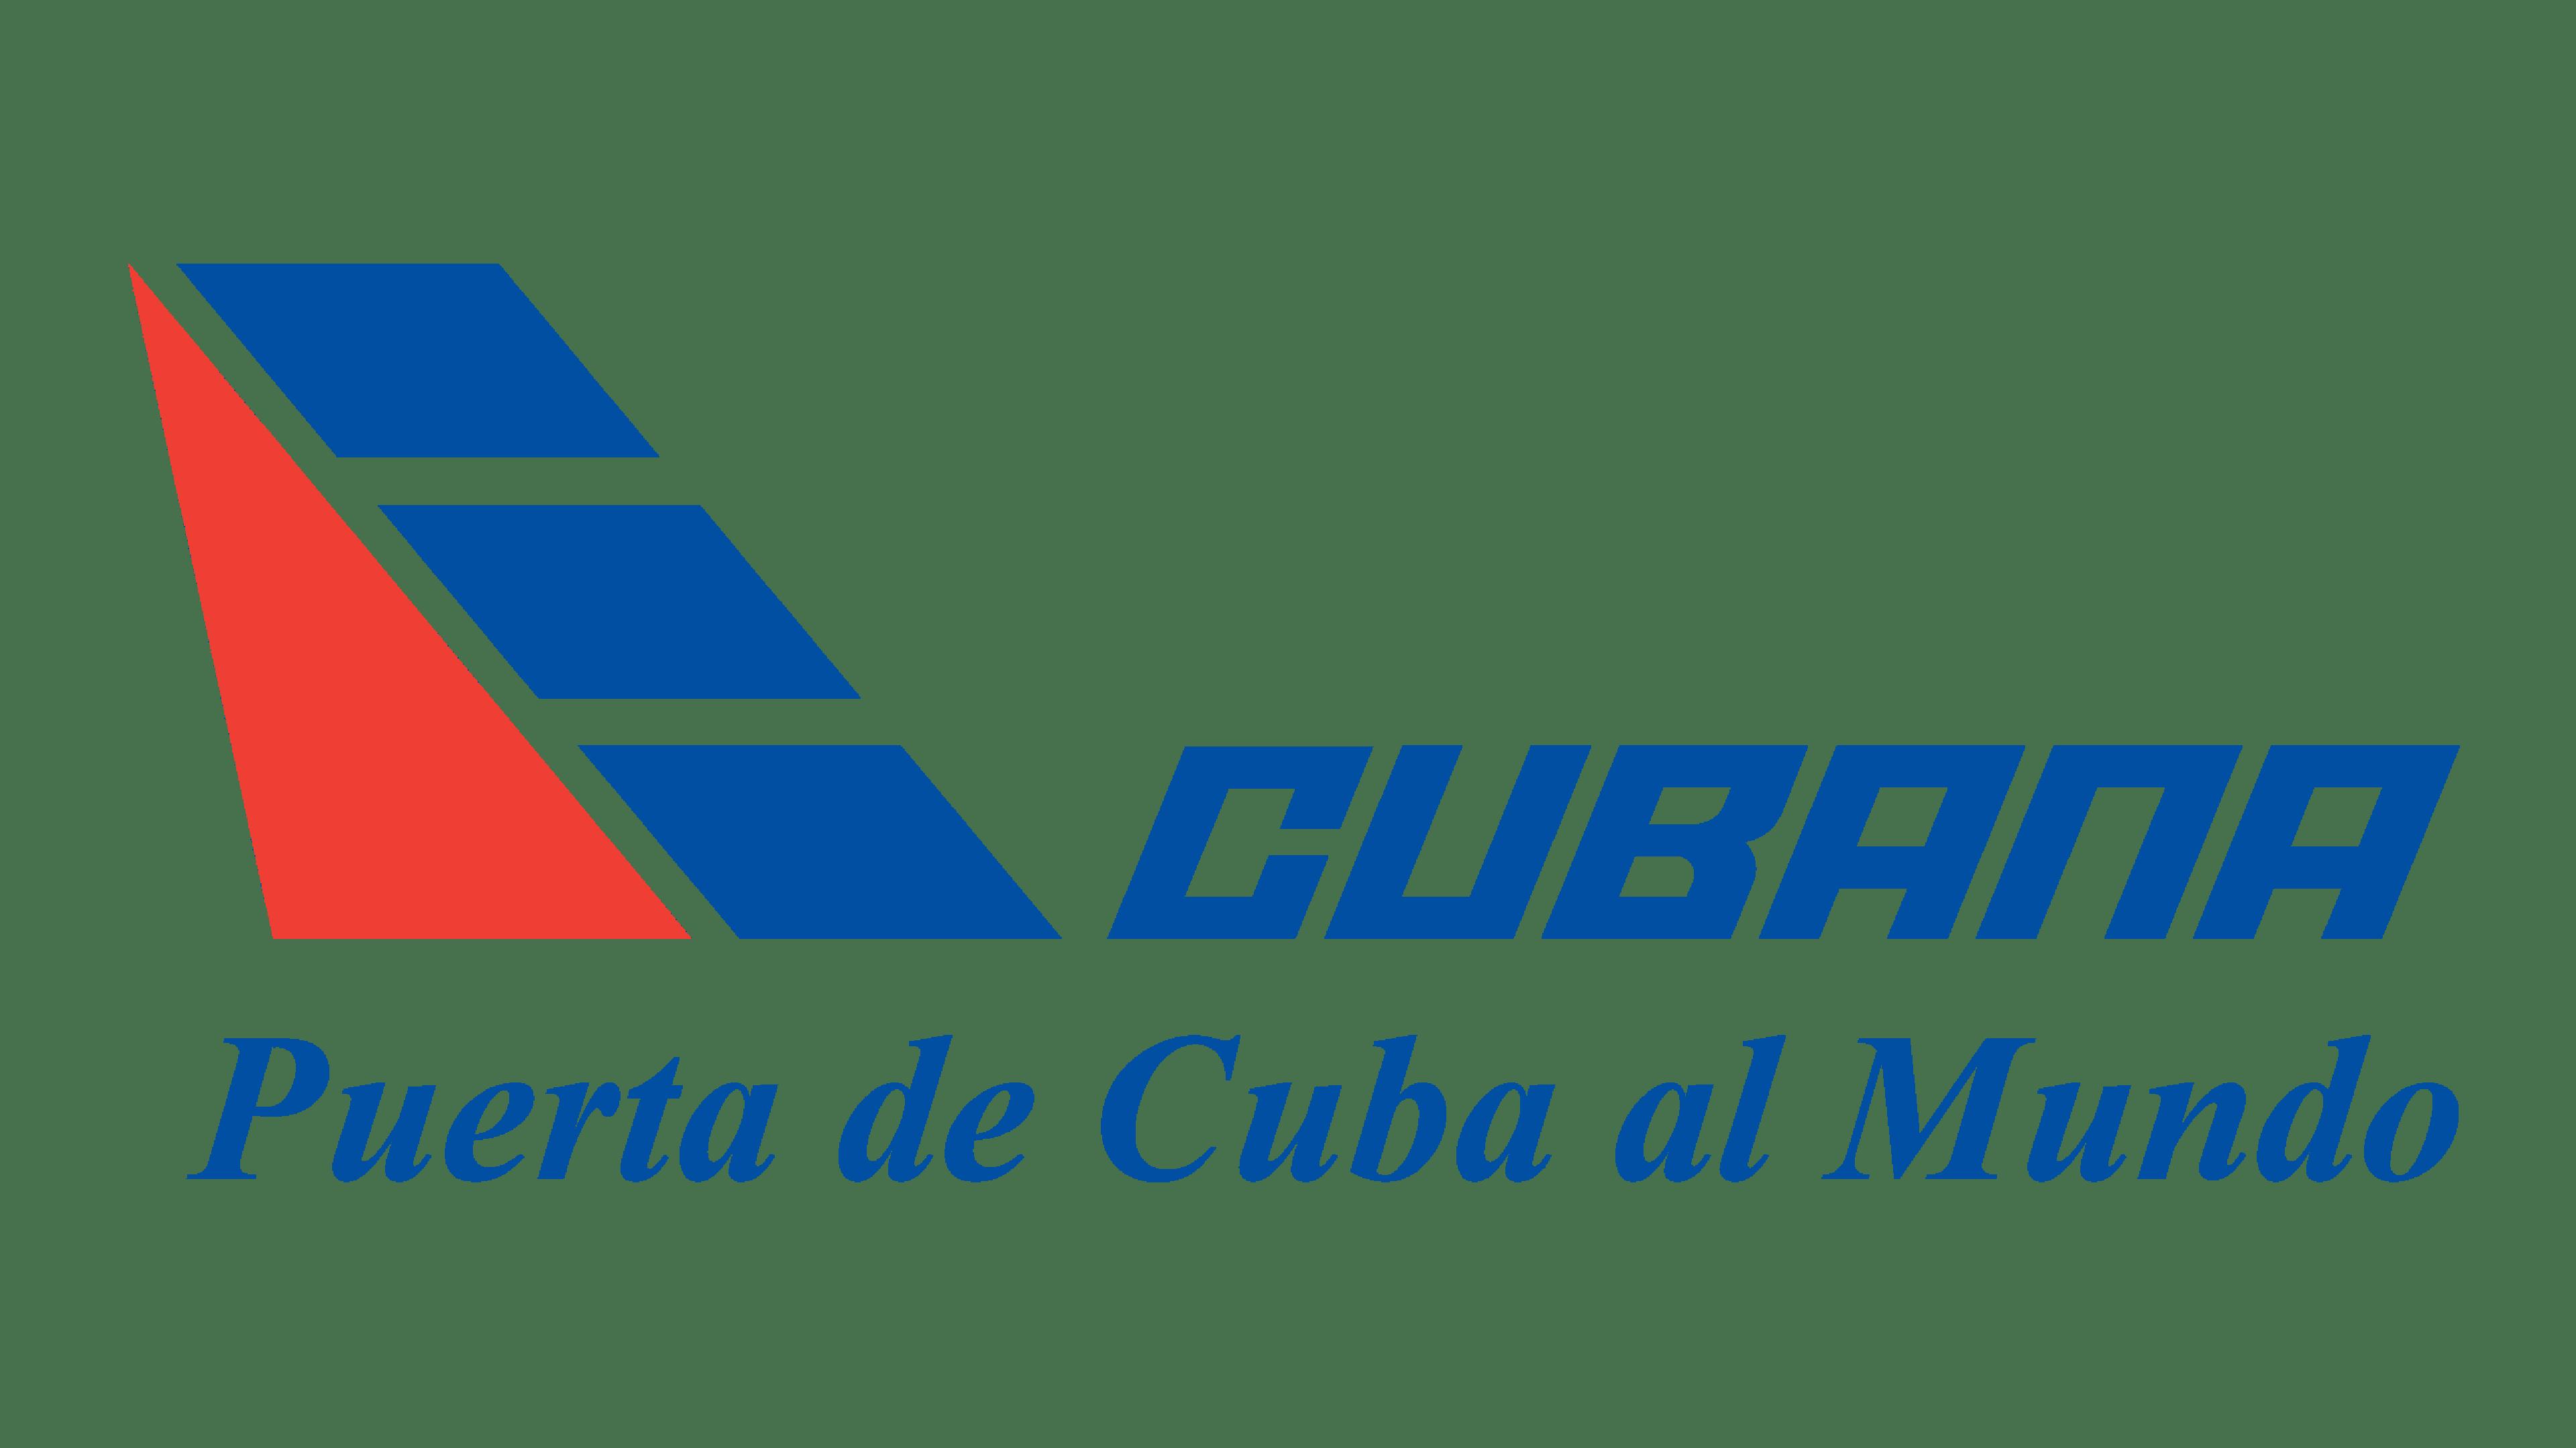 Cubana de Aviación Logo Logo